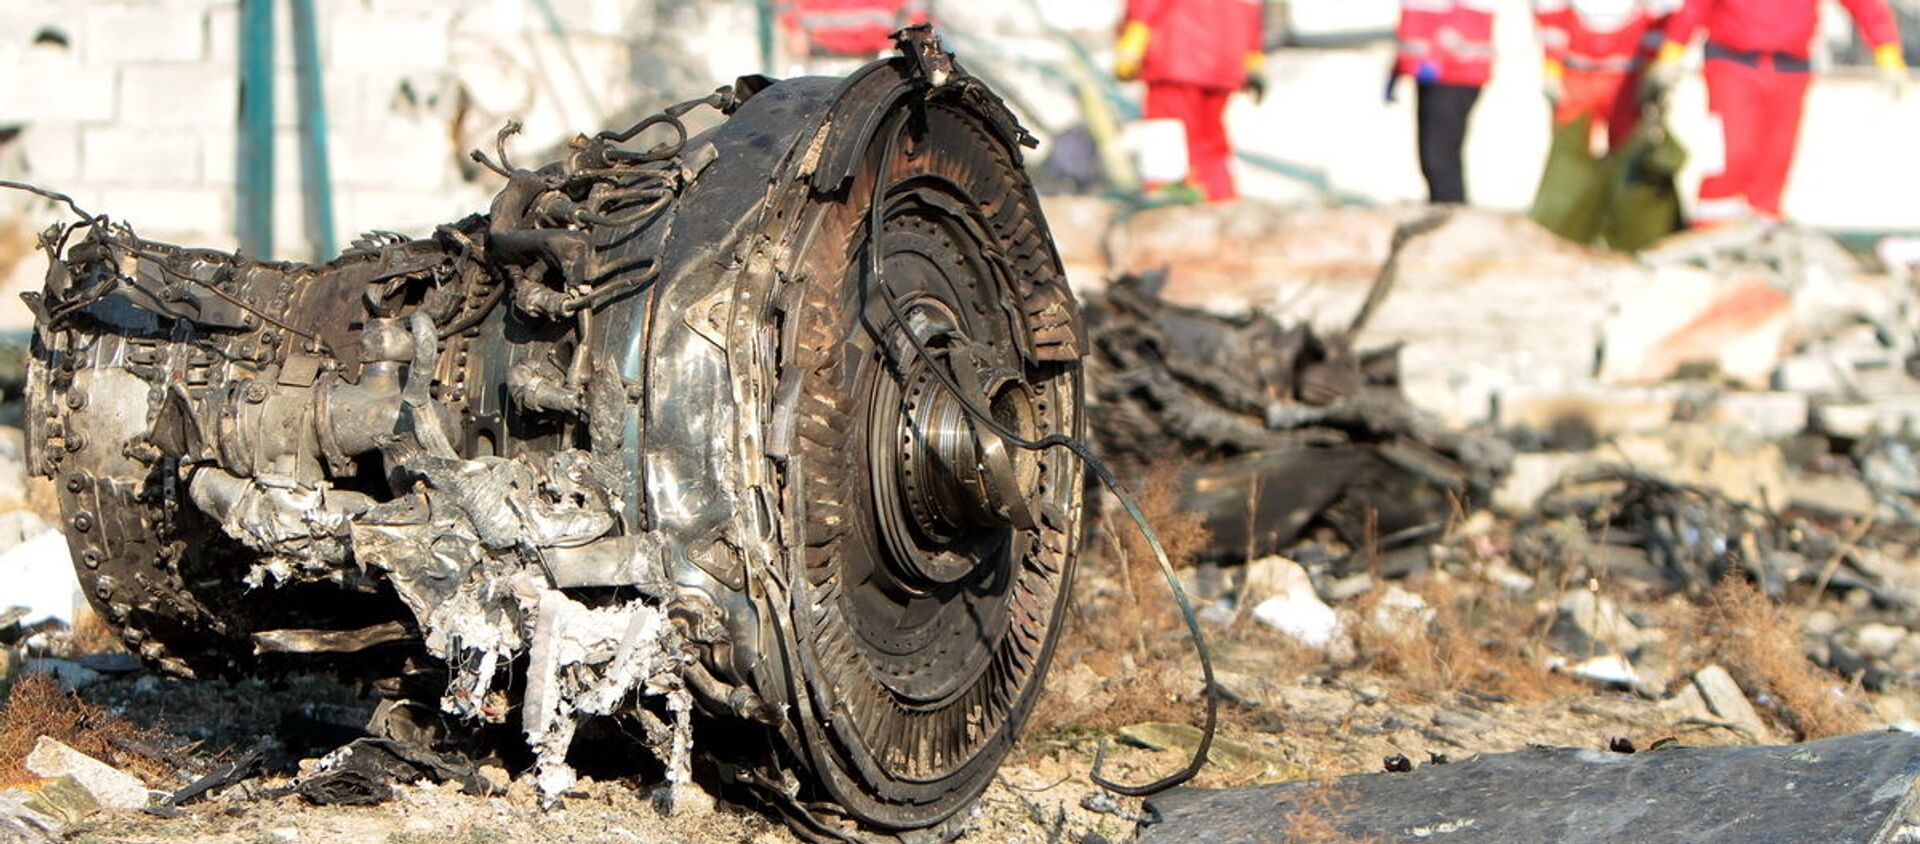 Vụ tai nạn máy bay Boeing 737-800 - Sputnik Việt Nam, 1920, 23.08.2020